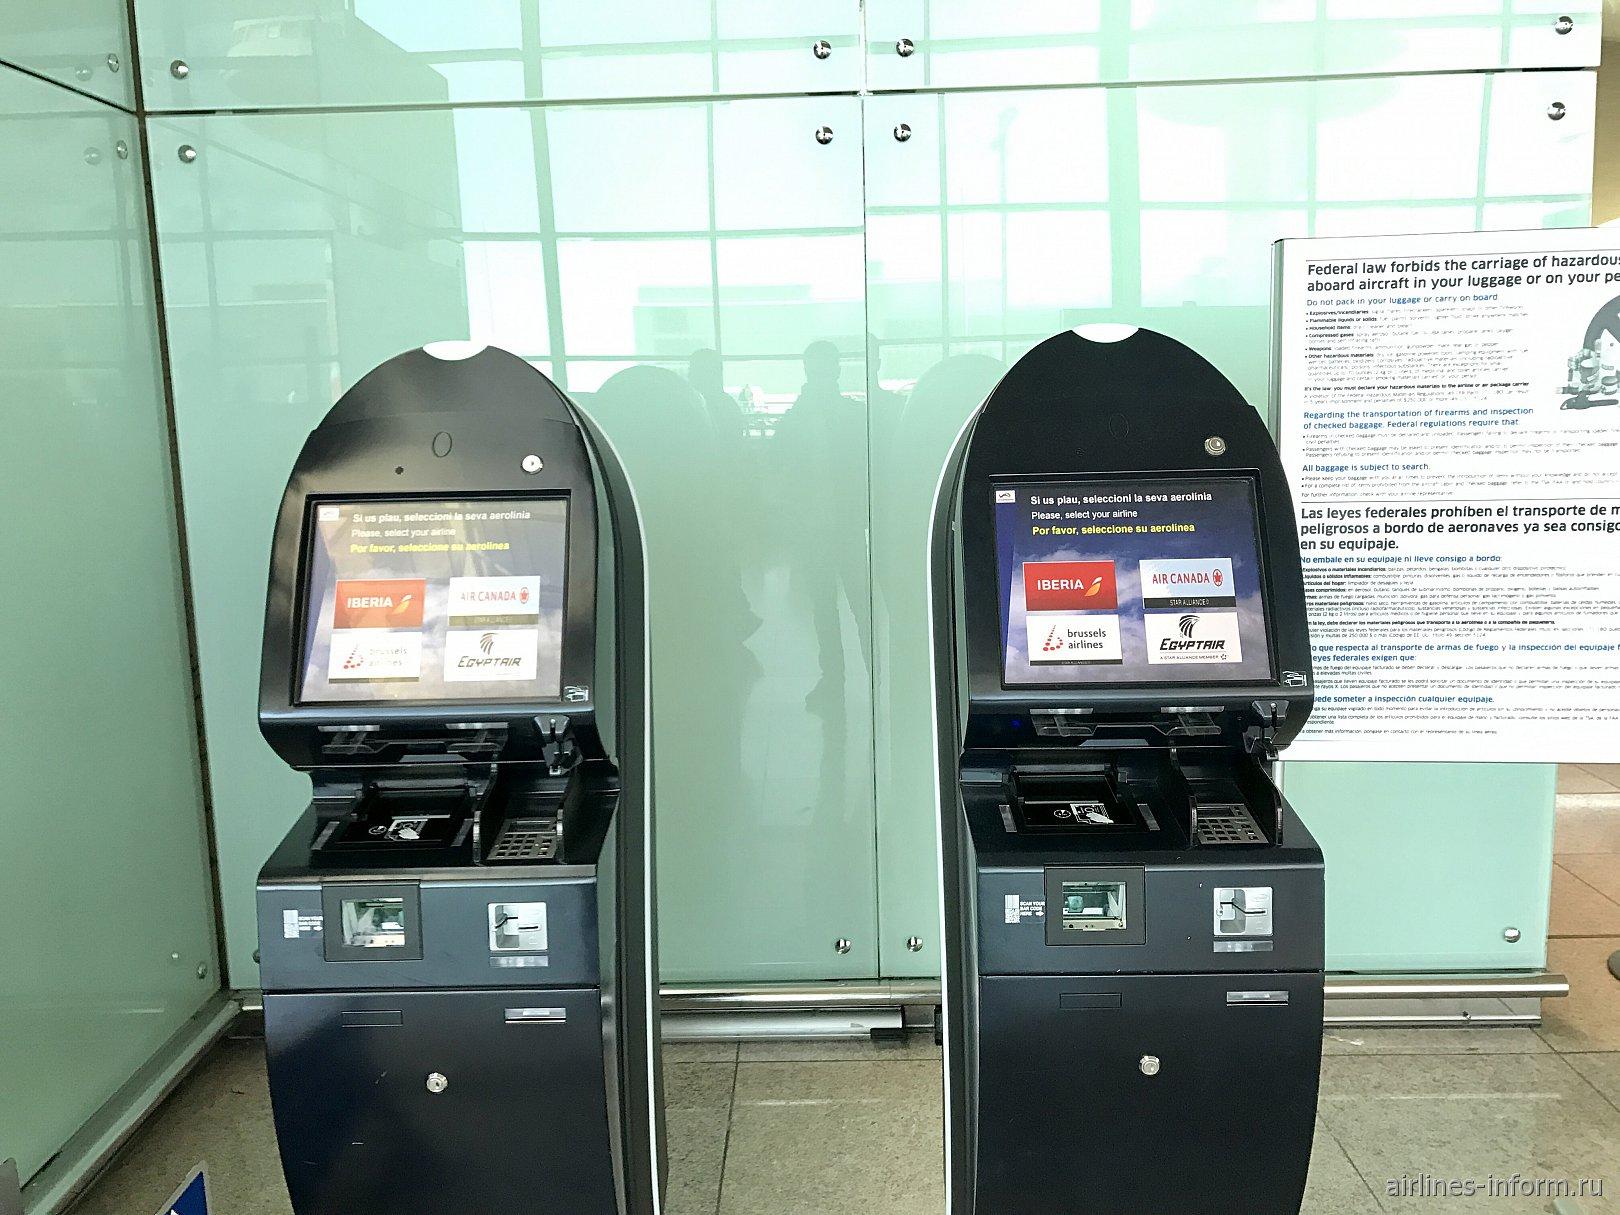 Киоски самостоятельной регистрации в аэропорту Барселоны